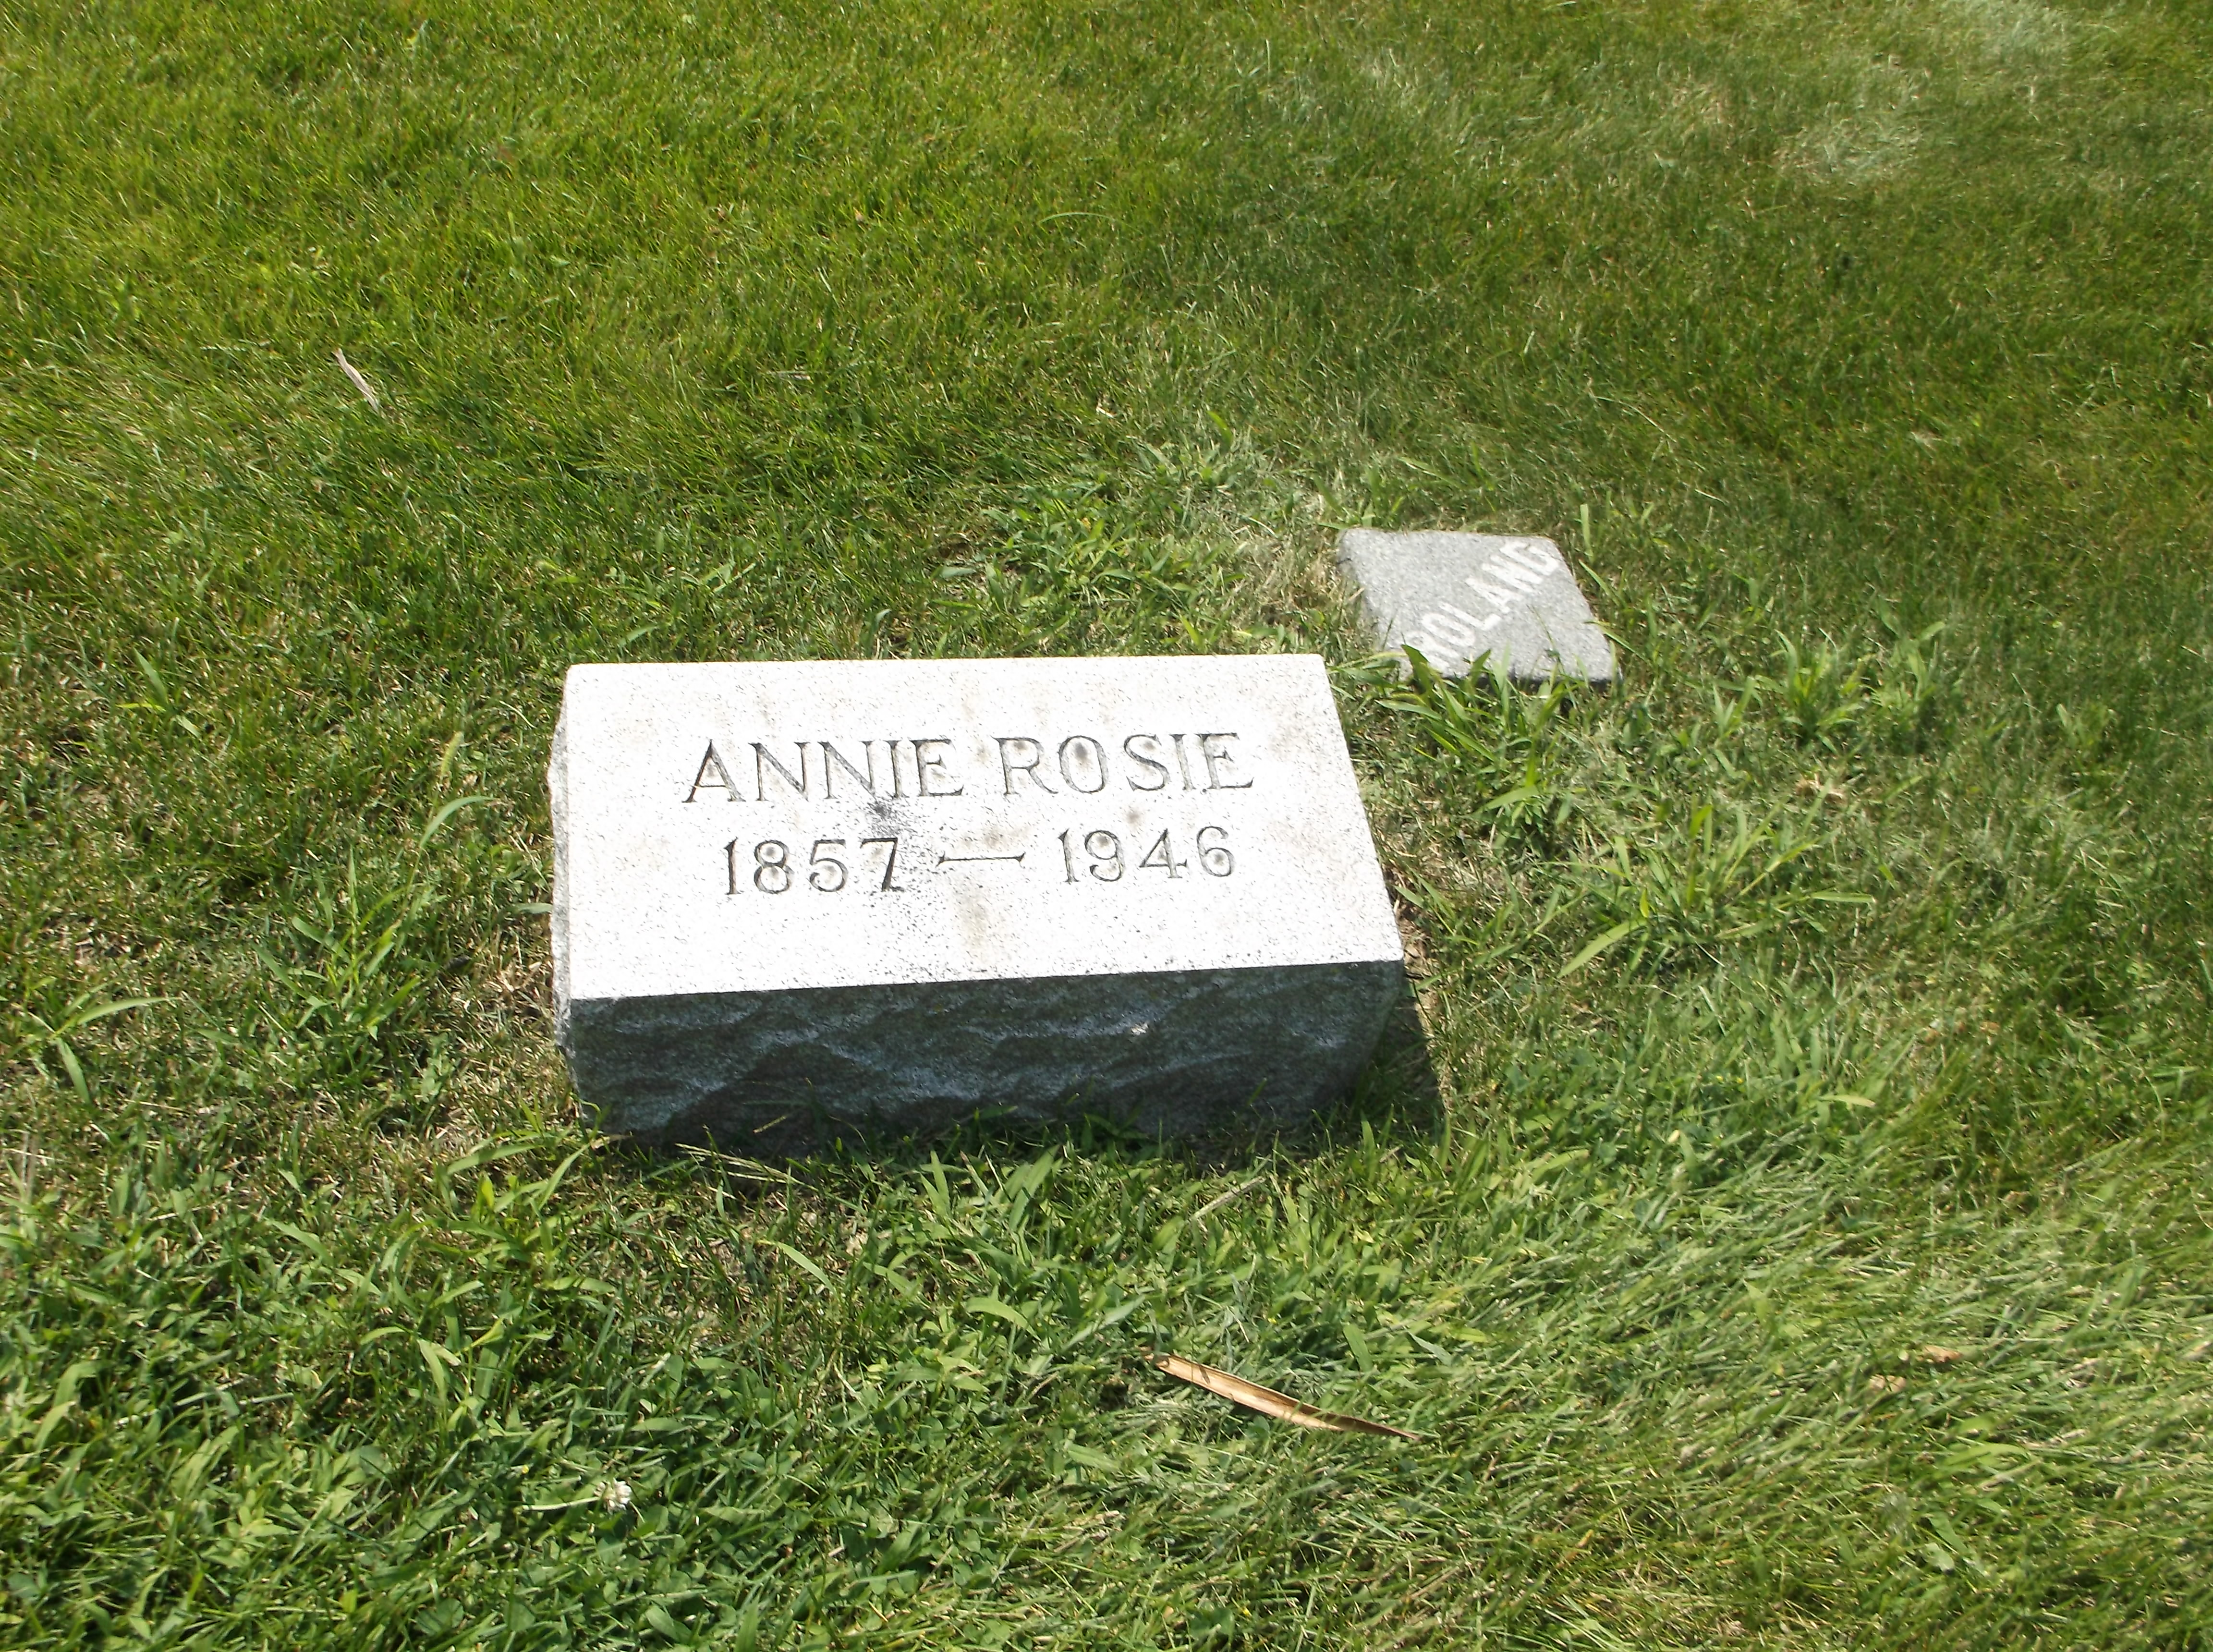 Annie Rosie